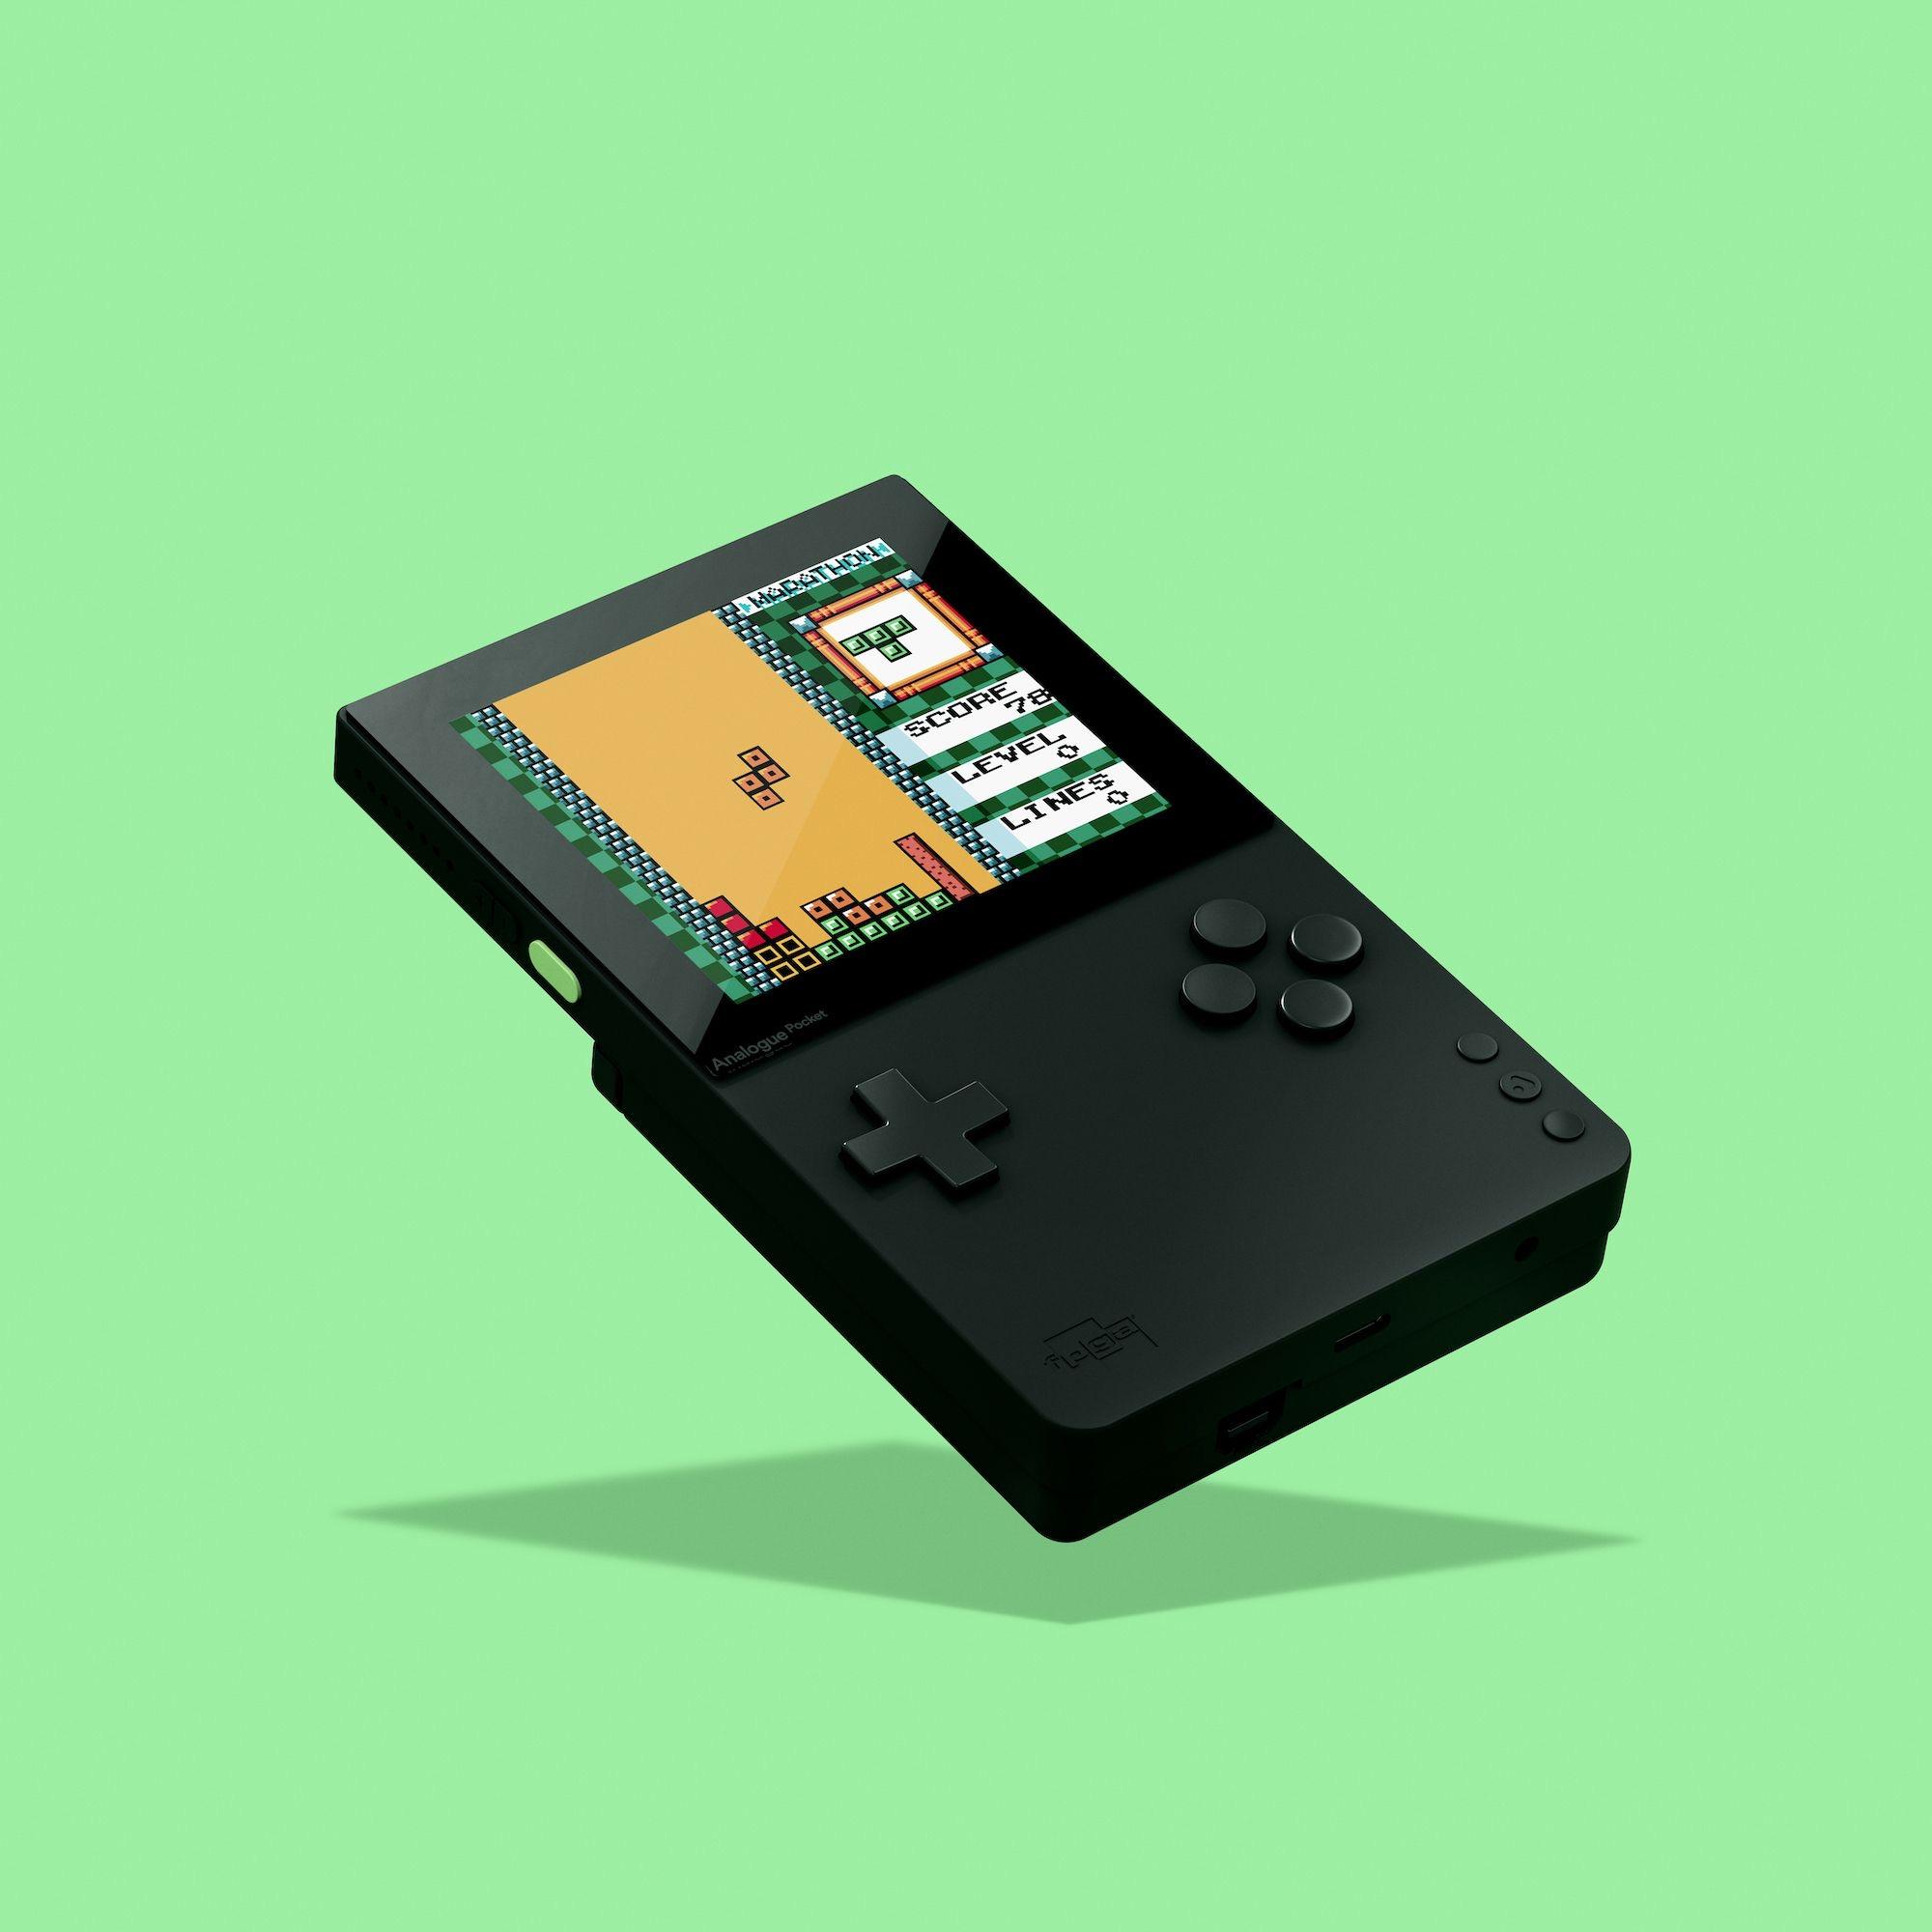 厂商Analogue最近公布了一台能玩所有GB/GBA游戏(1989~2008)的掌机